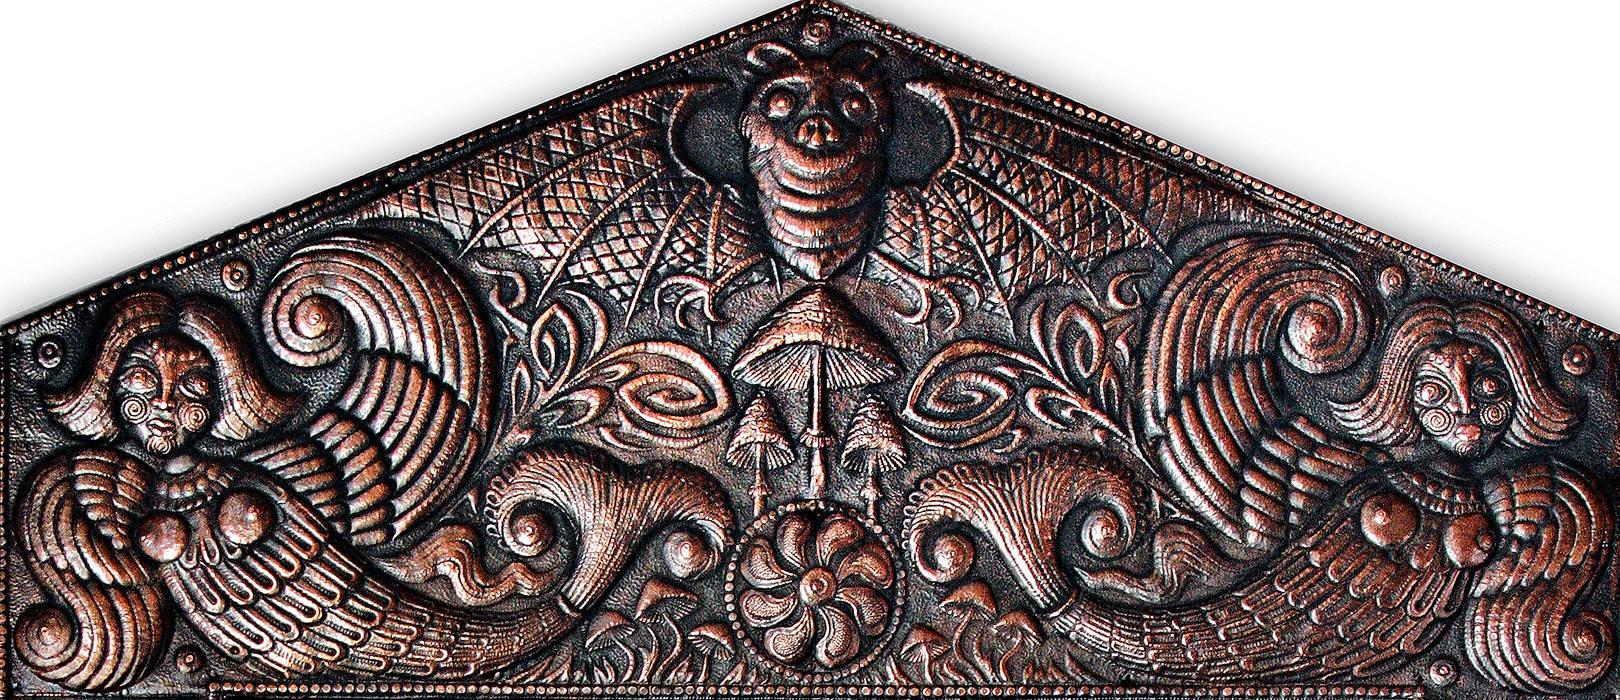 Старичок-Лесовичок (фрагмент панно) 2007 г. Алюминий, медь; чернение 103 х63 см